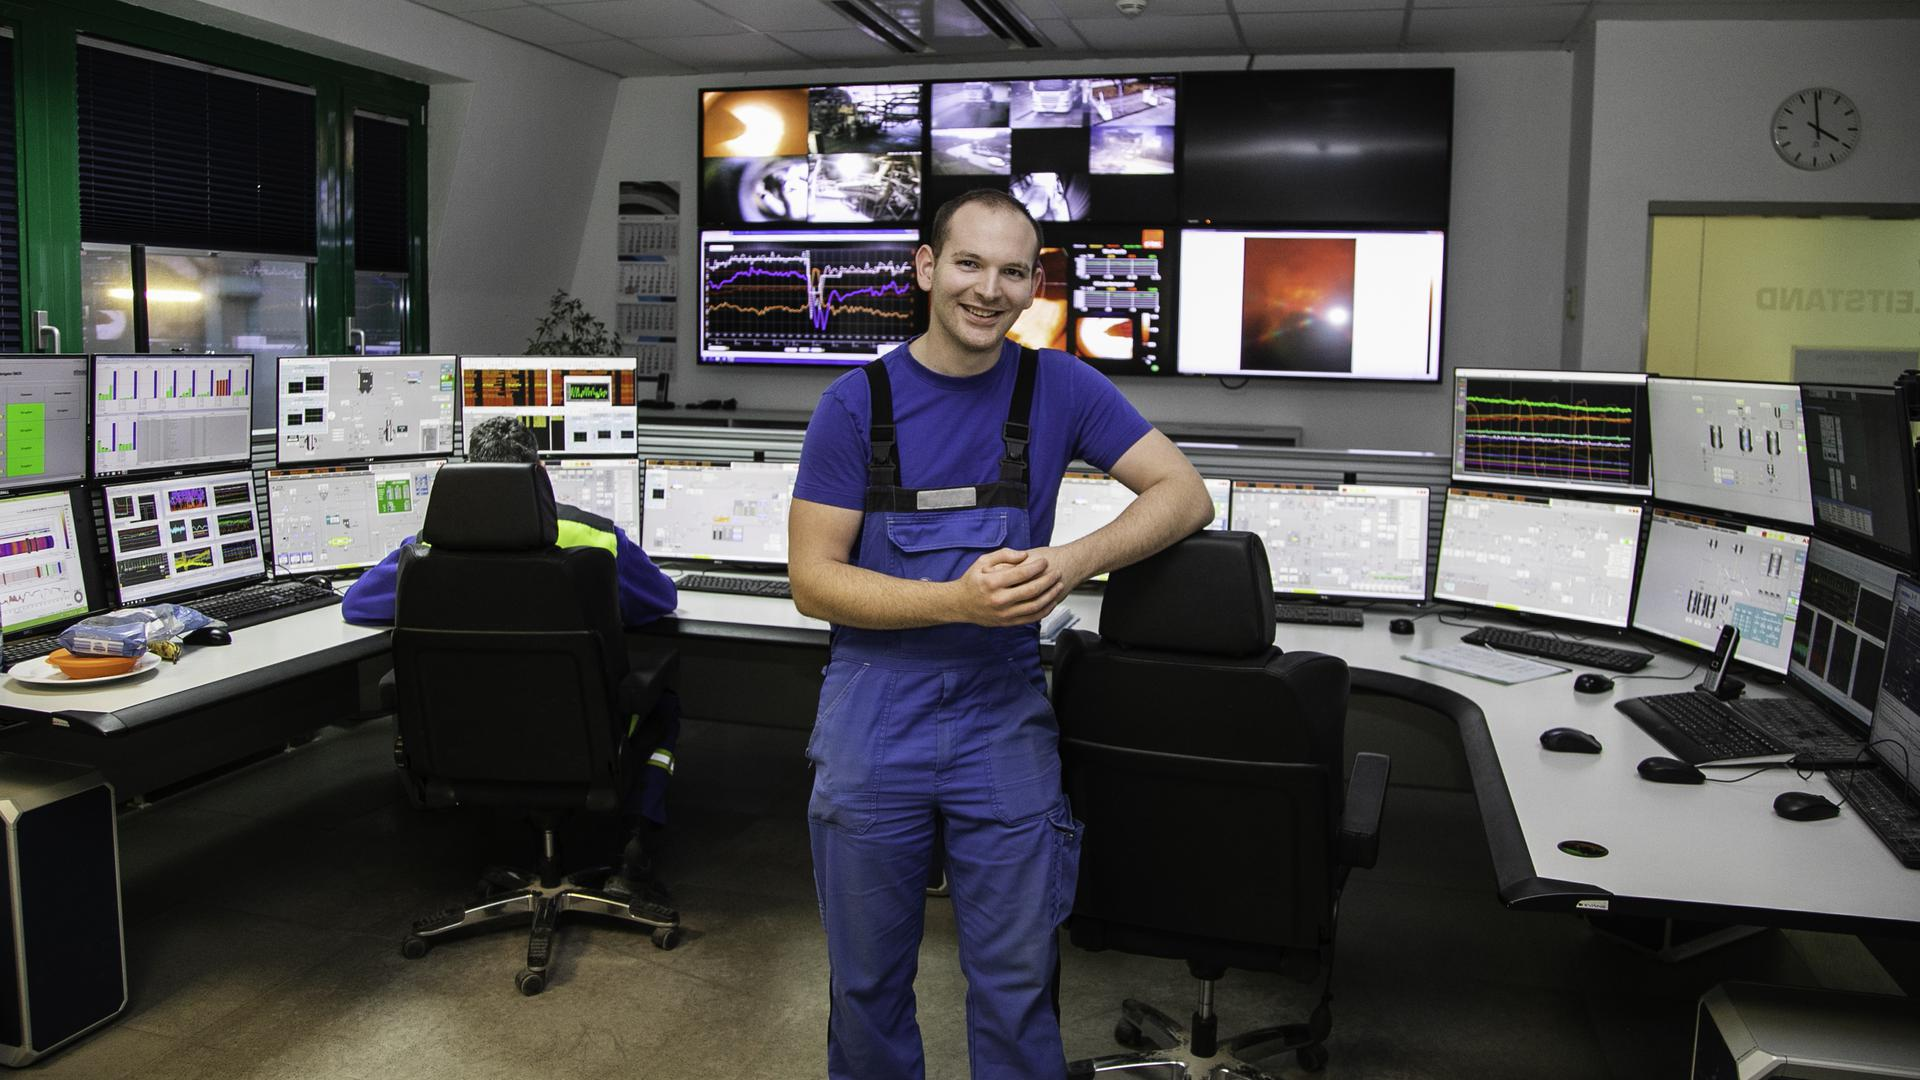 Dominic Dorsch ist bundesbester Auszubildender als Verfahrenstechniker in der Stein- und Erdenindustrie.